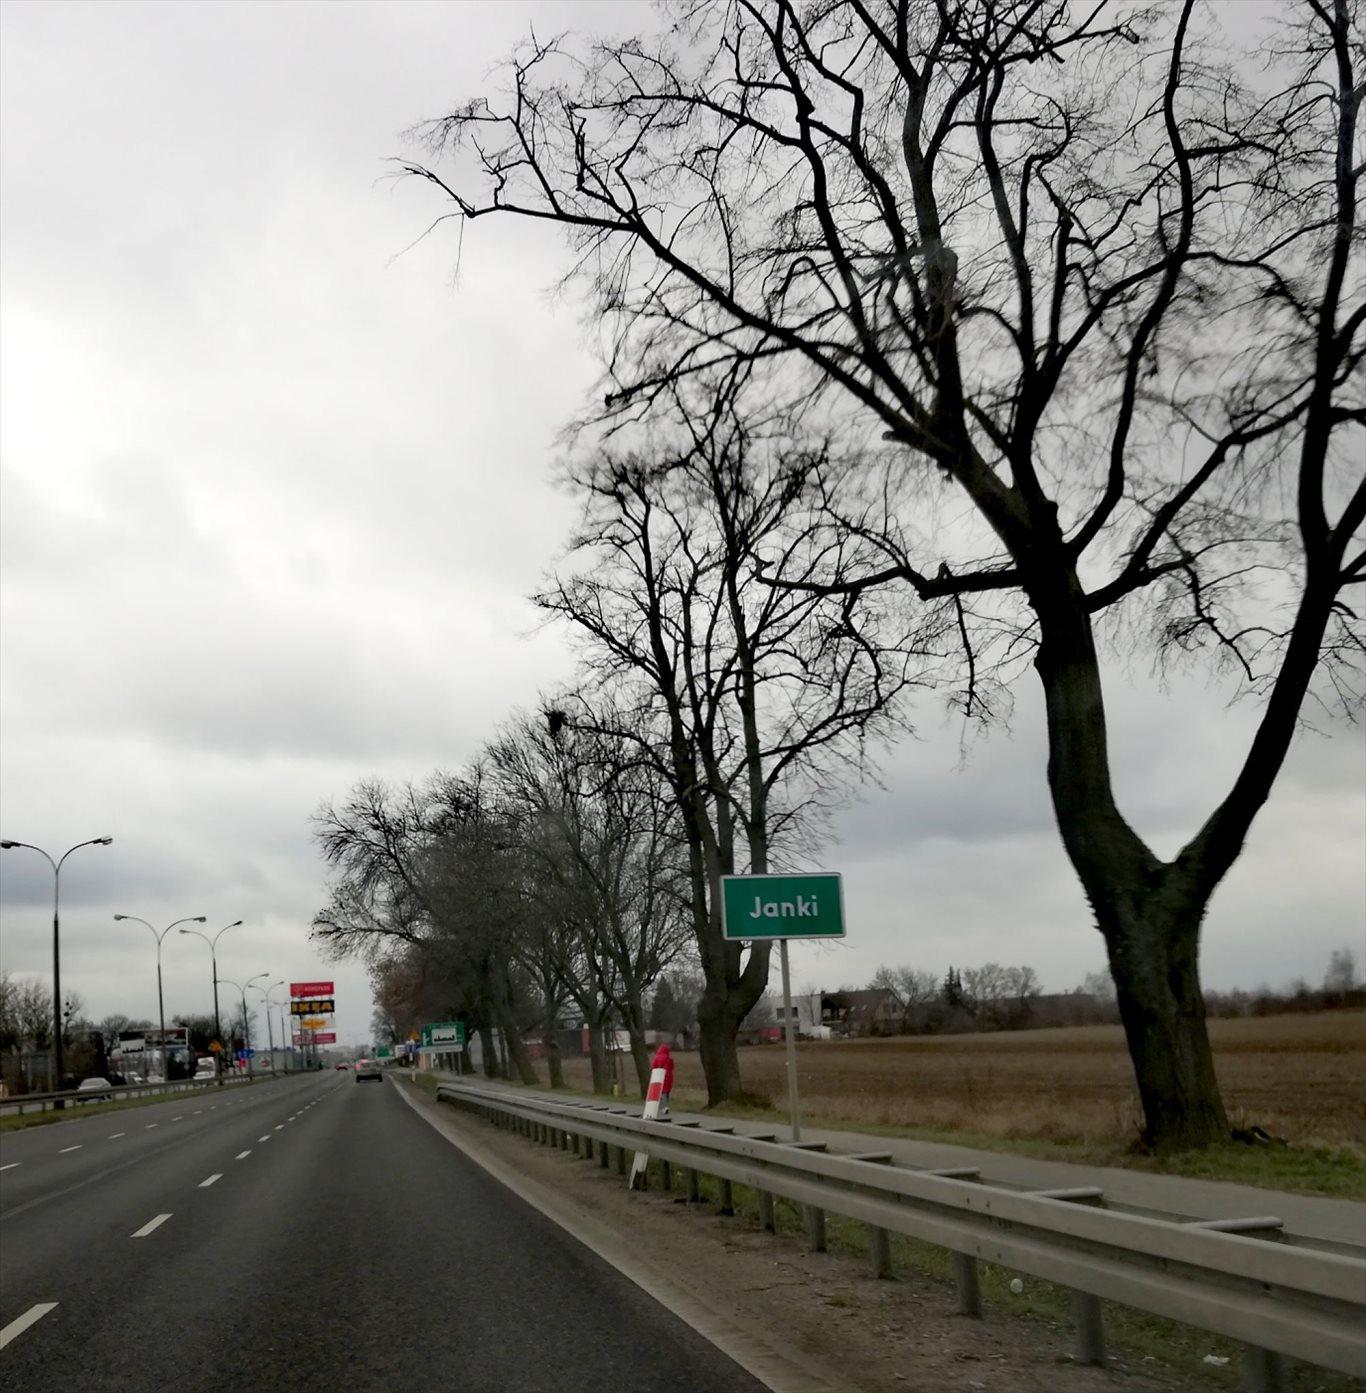 Działka przemysłowo-handlowa na sprzedaż Warszawa, Włochy, Aleja Krakowska / Janki  9000m2 Foto 3